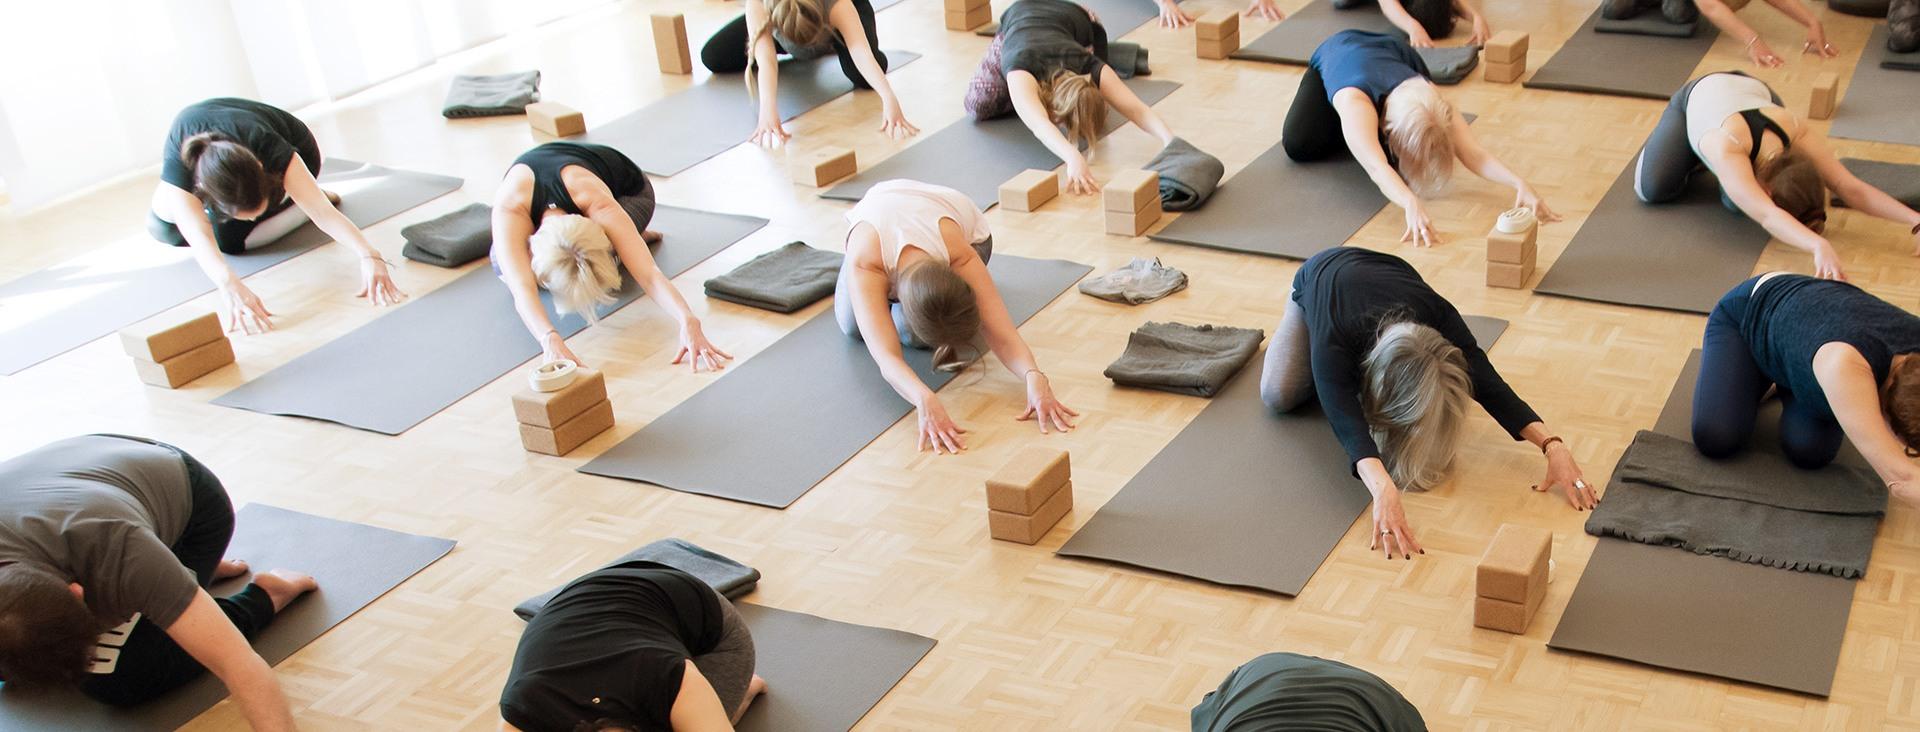 yogannette kursplan header klasse